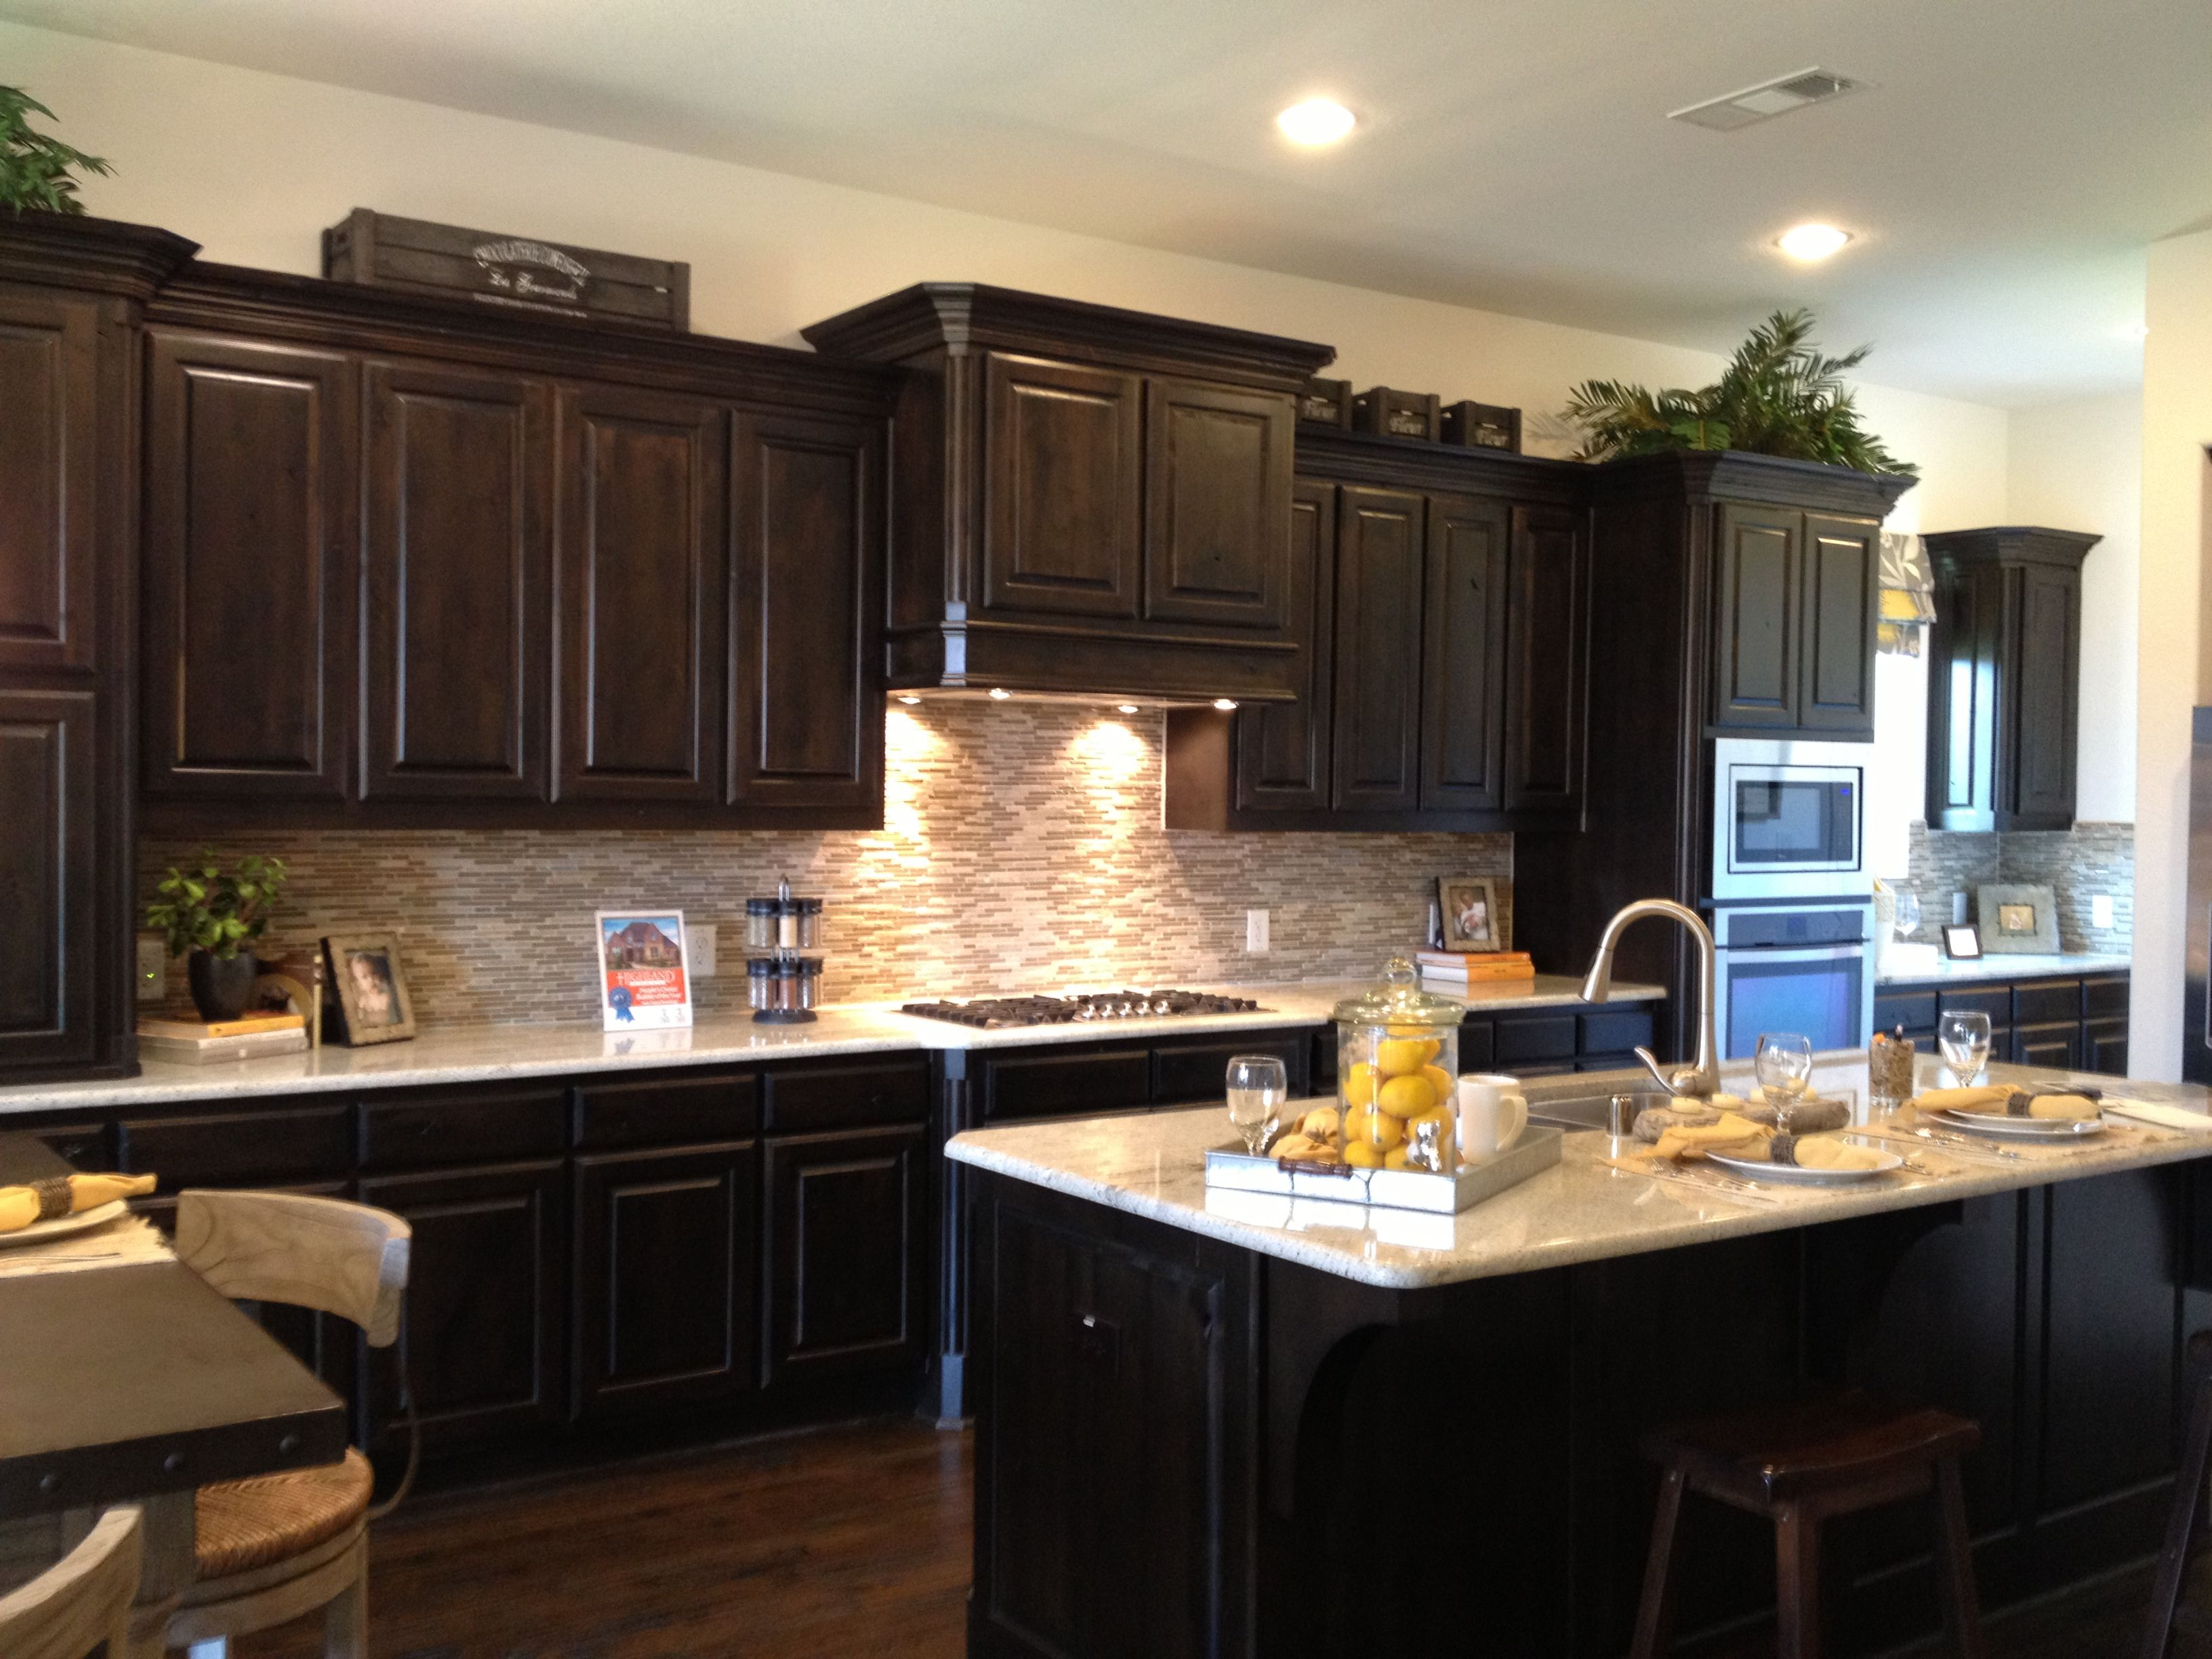 Love this kitchen backsplash! Kitchen Design Trends www